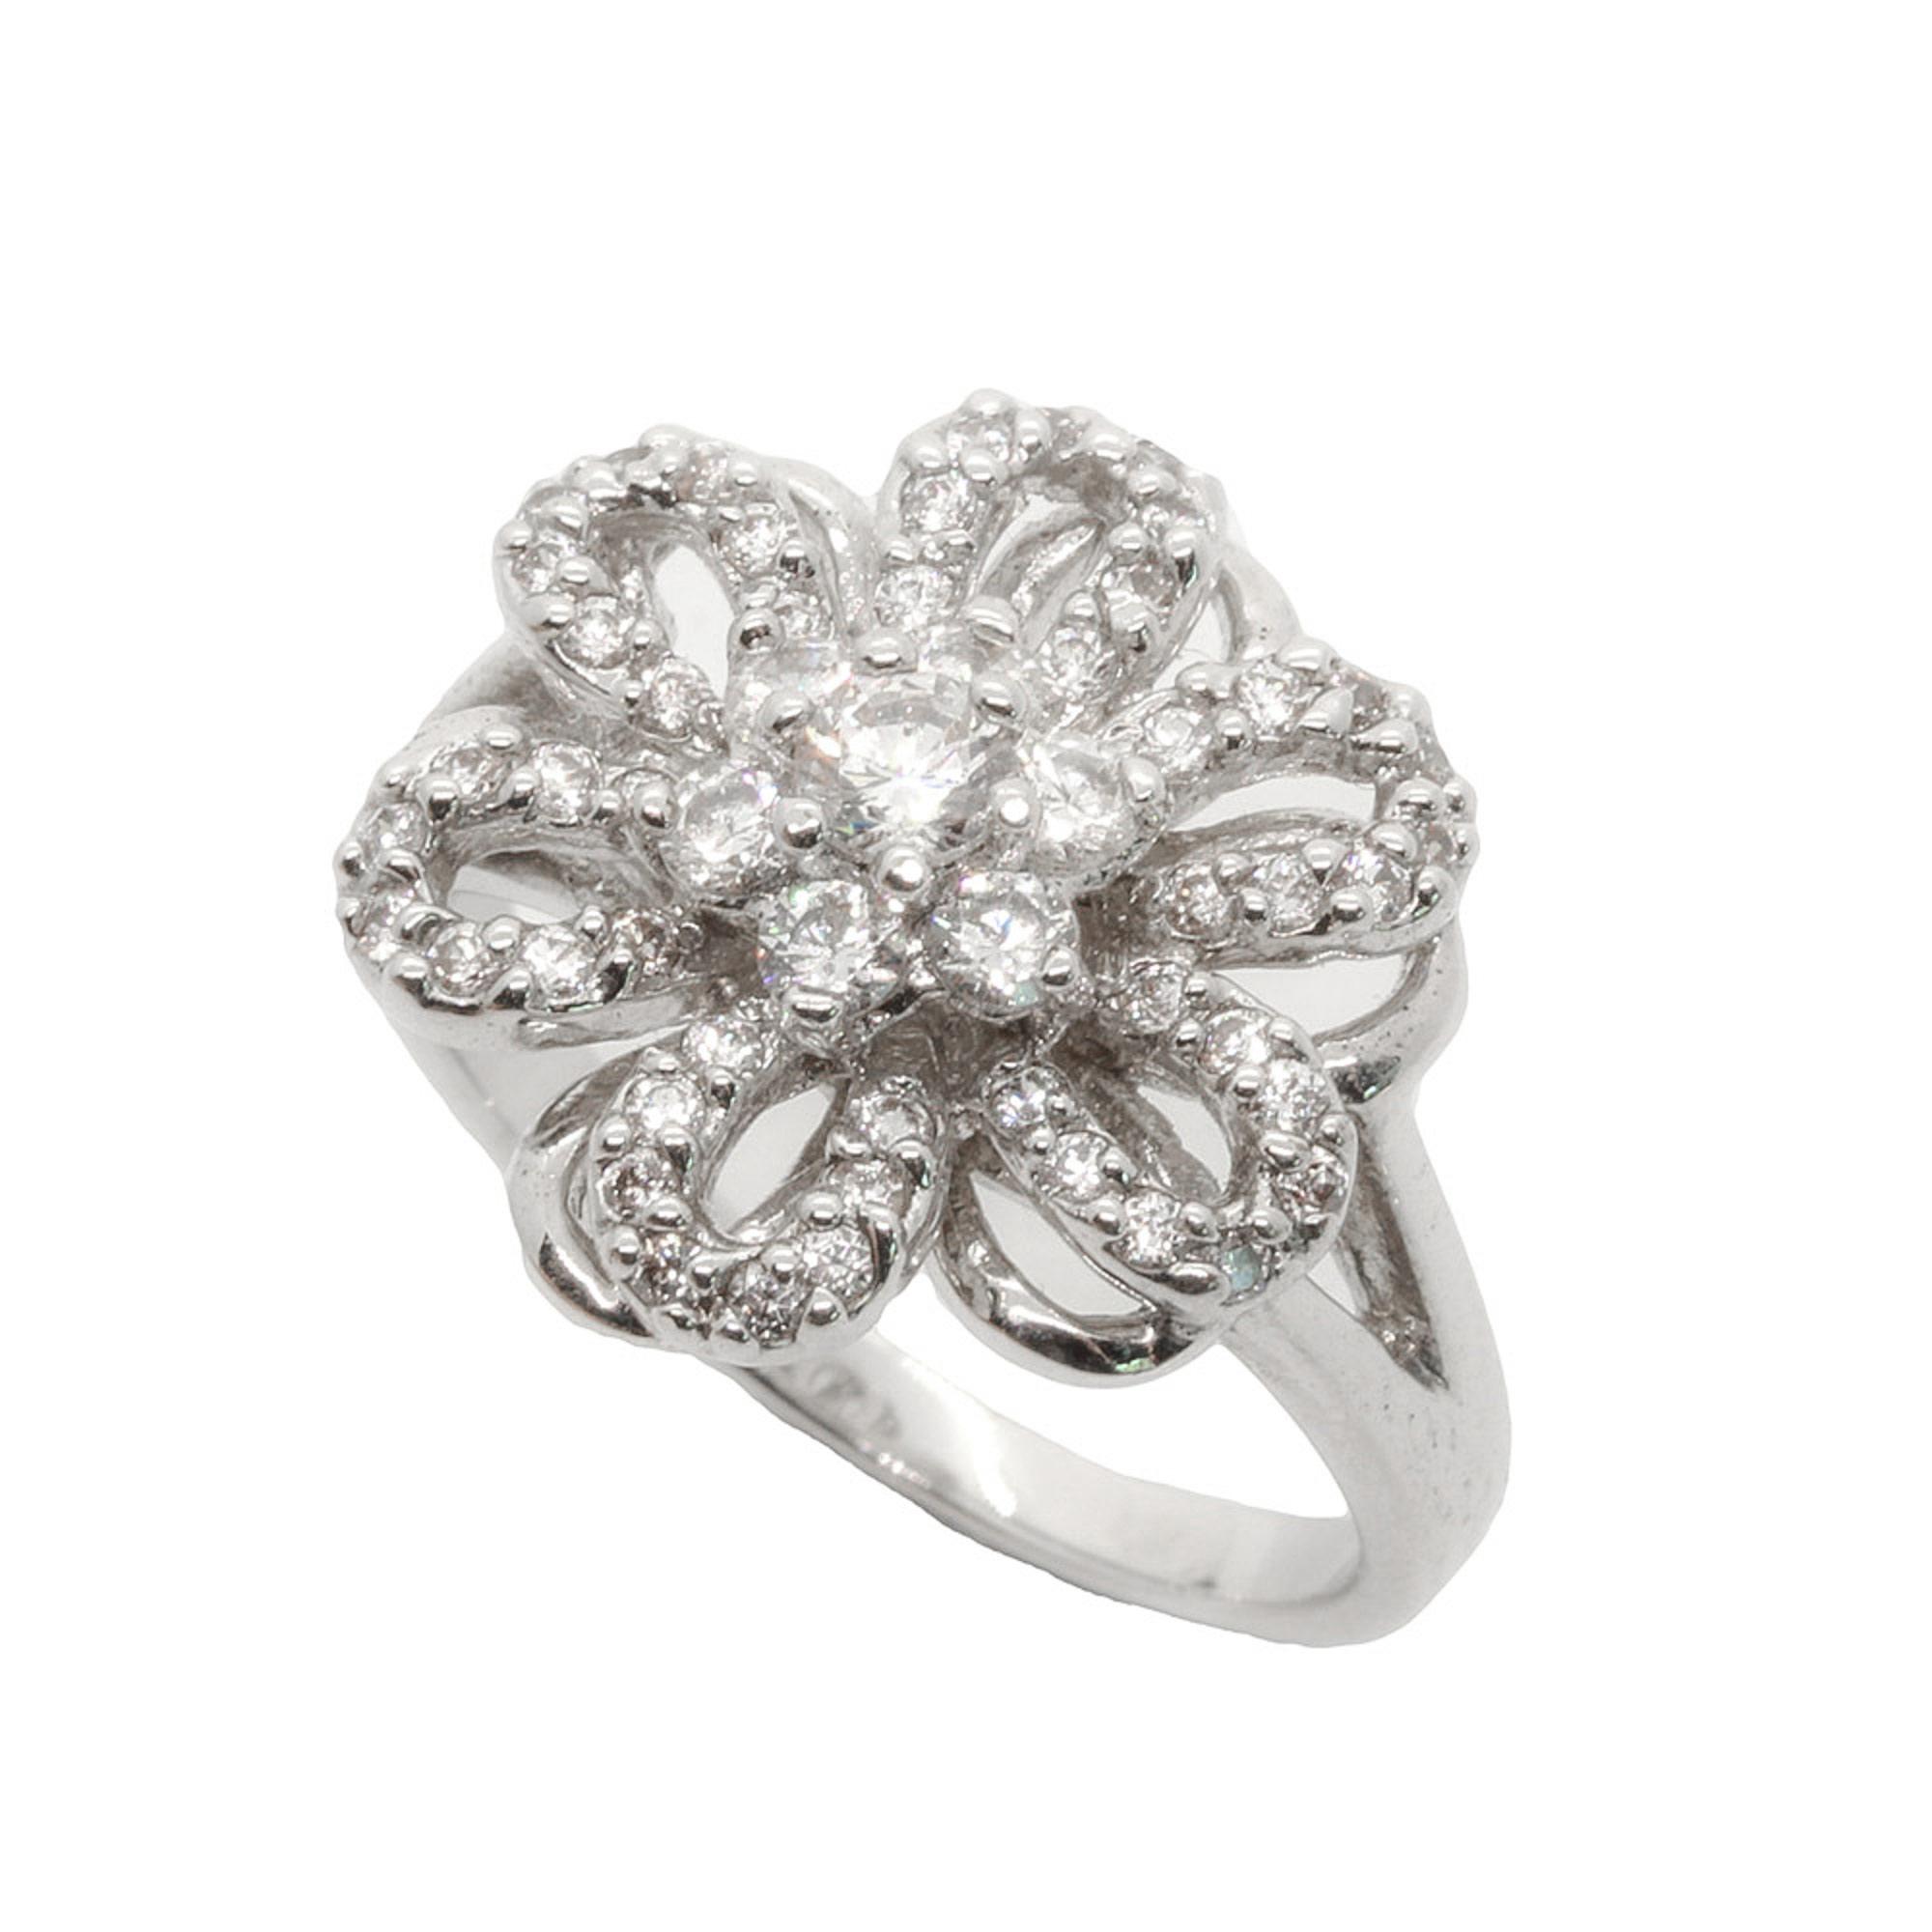 แหวนเพชรCZ สีม่วง หุ้มทองคำแท้ ไซส์ 55